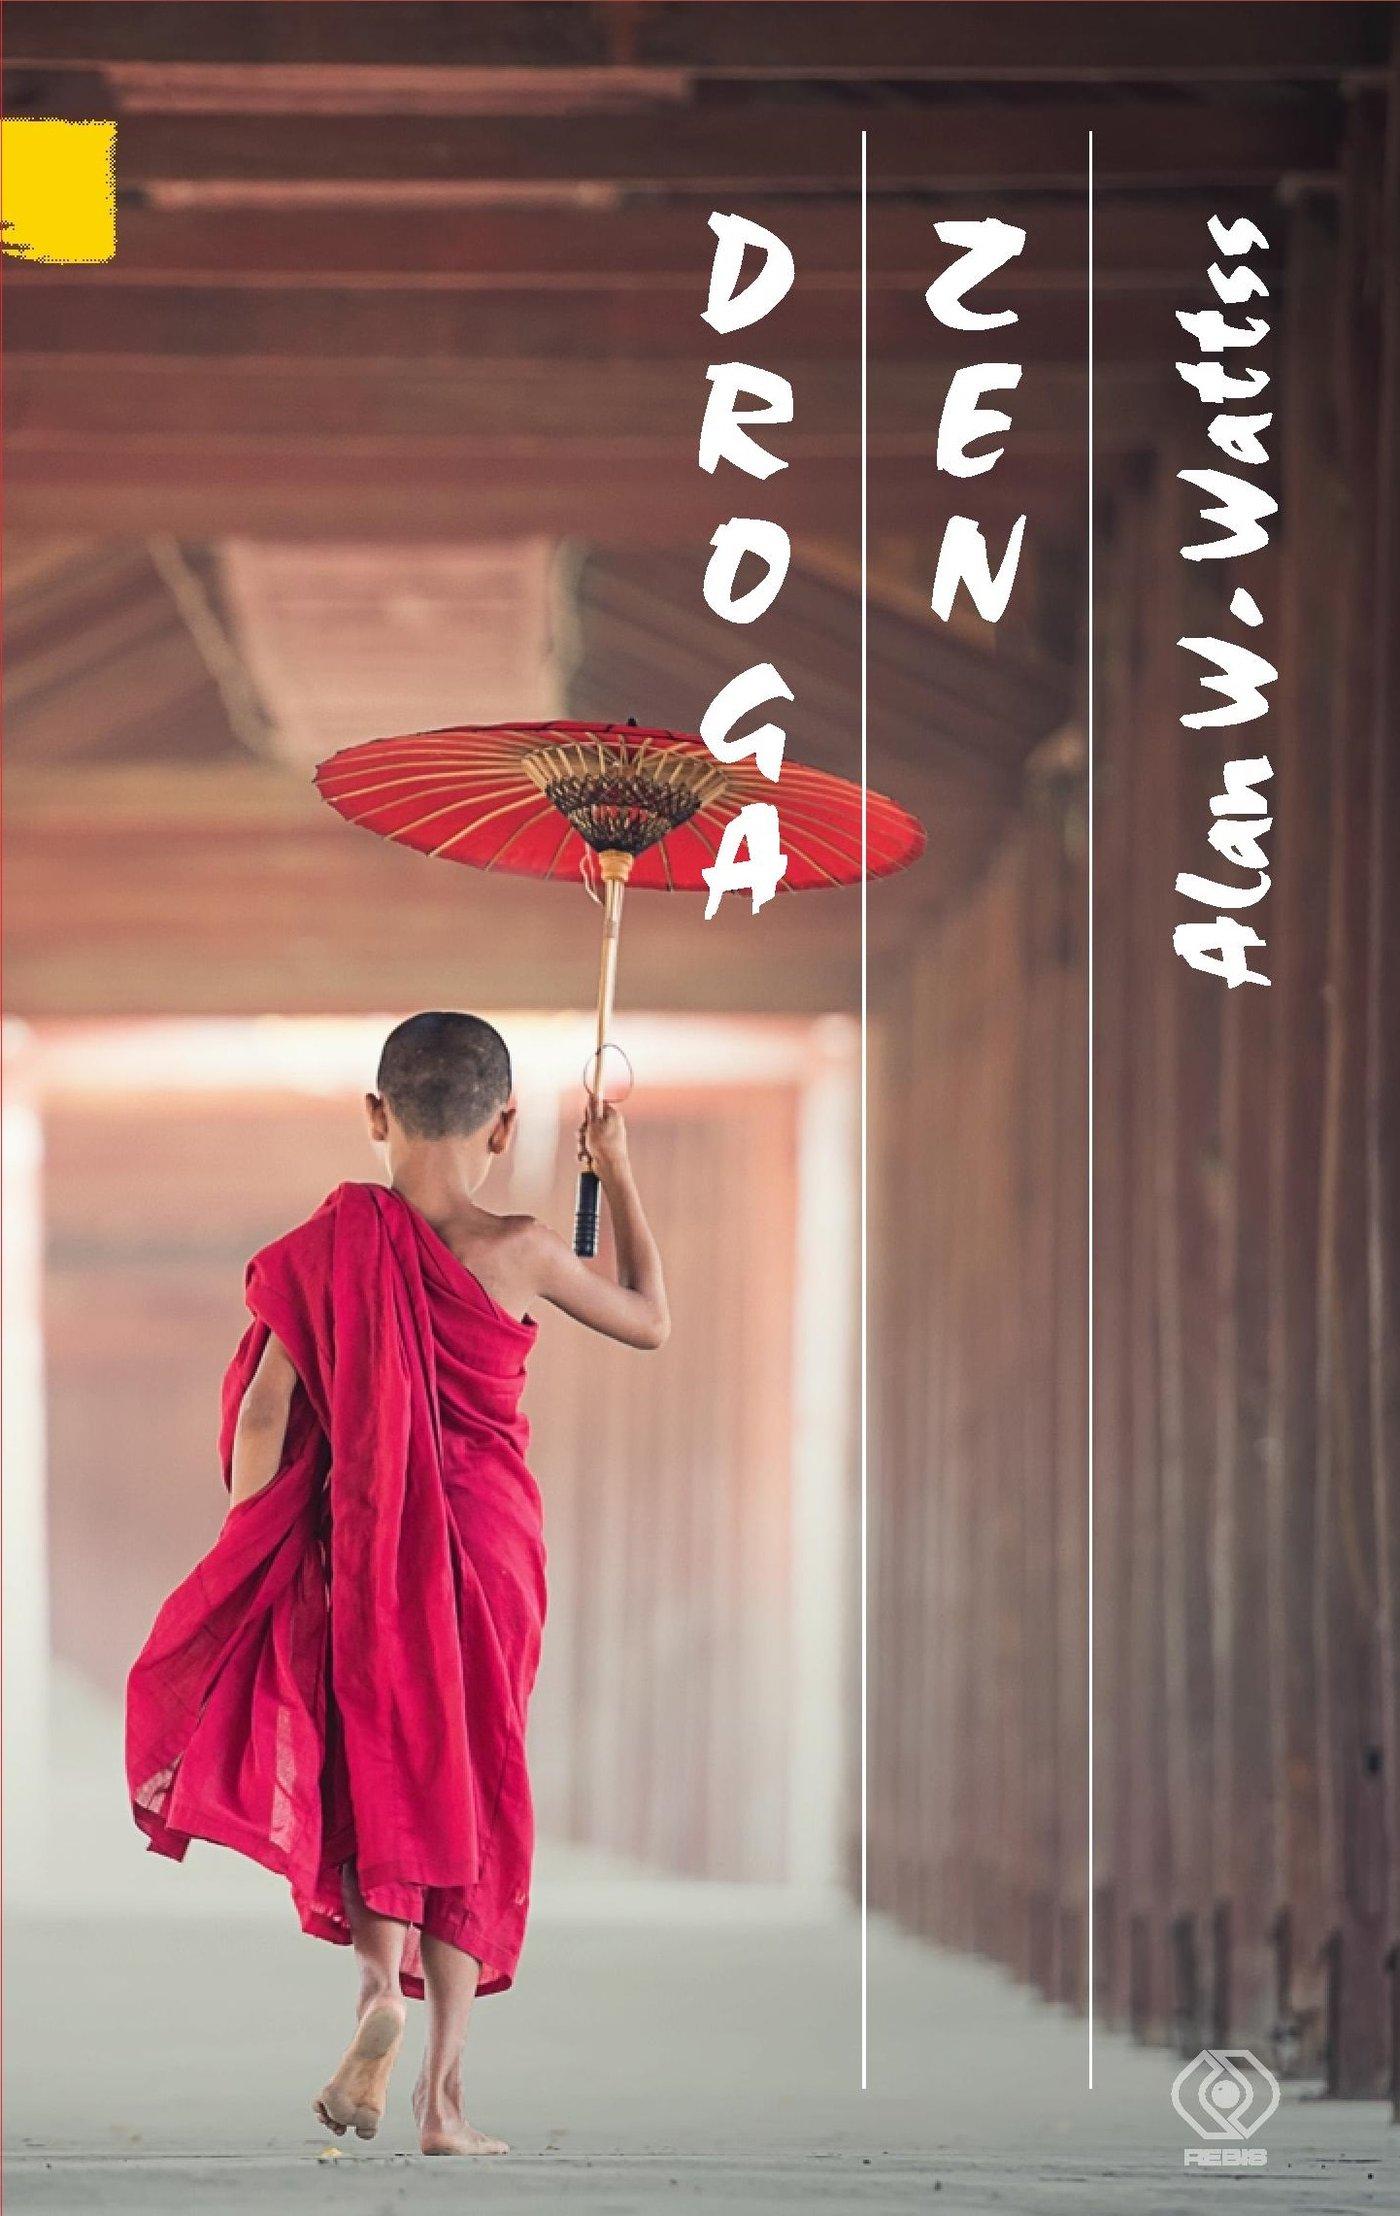 Droga zen - Ebook (Książka EPUB) do pobrania w formacie EPUB